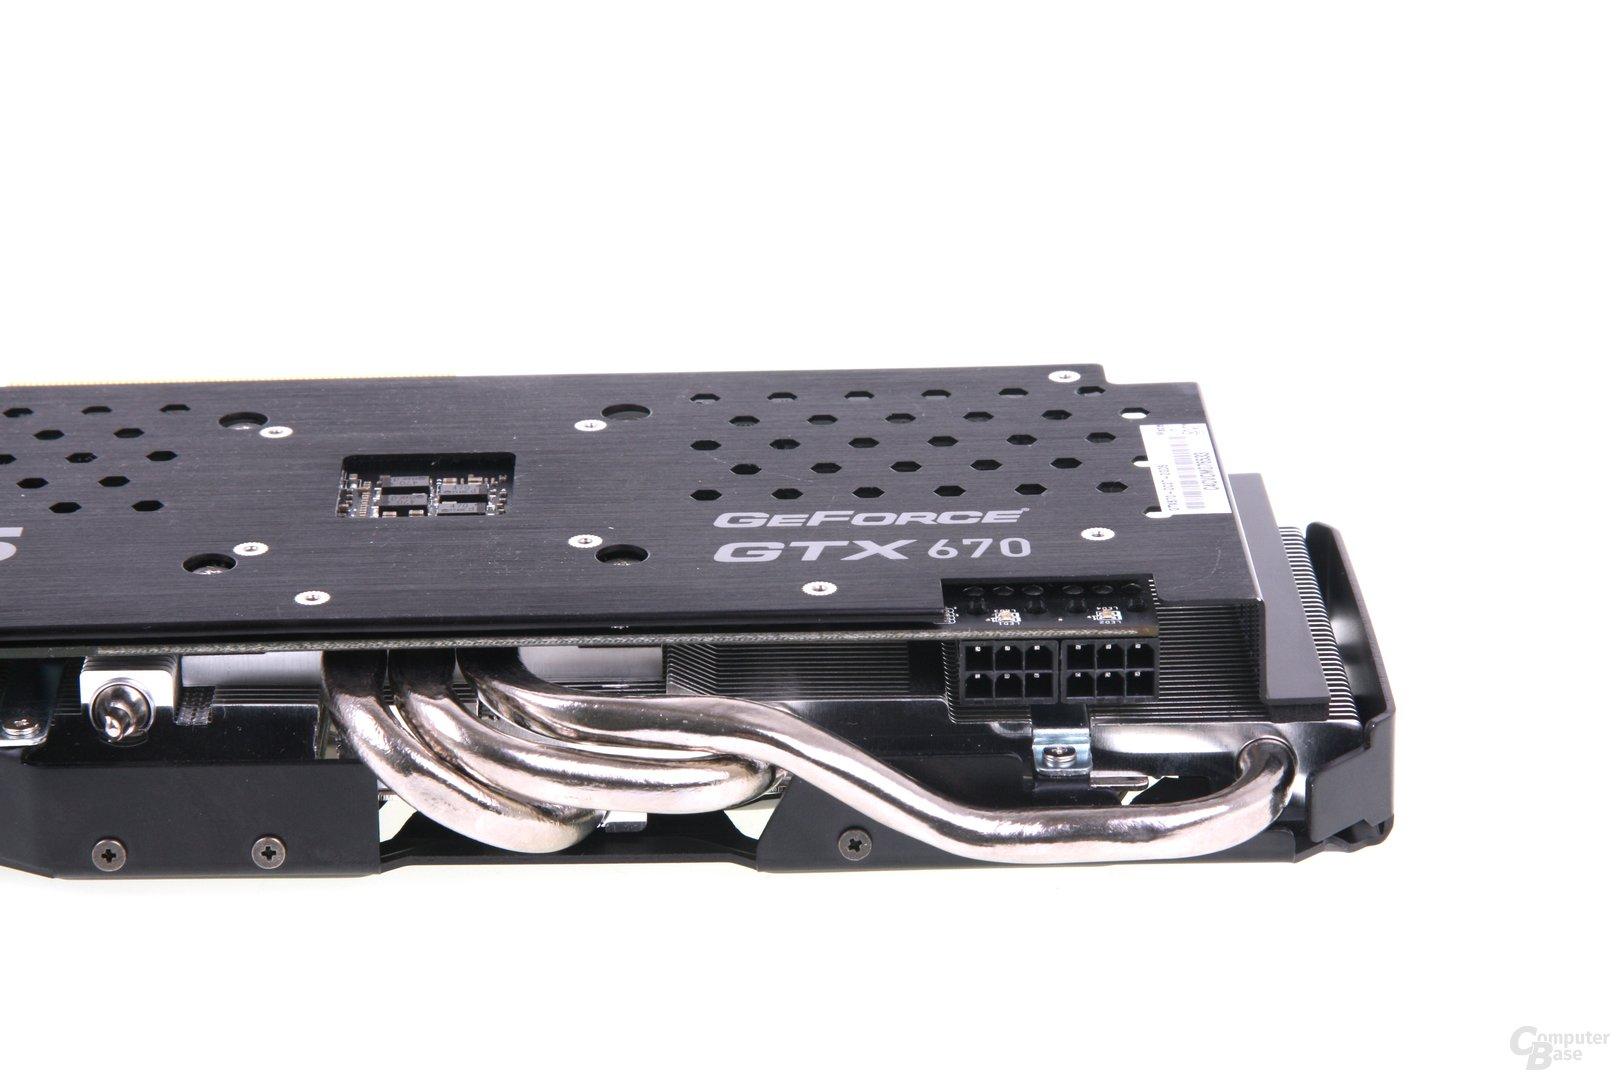 GeForce GTX 670 DCII OC HEatpipes und Stromanschlüsse